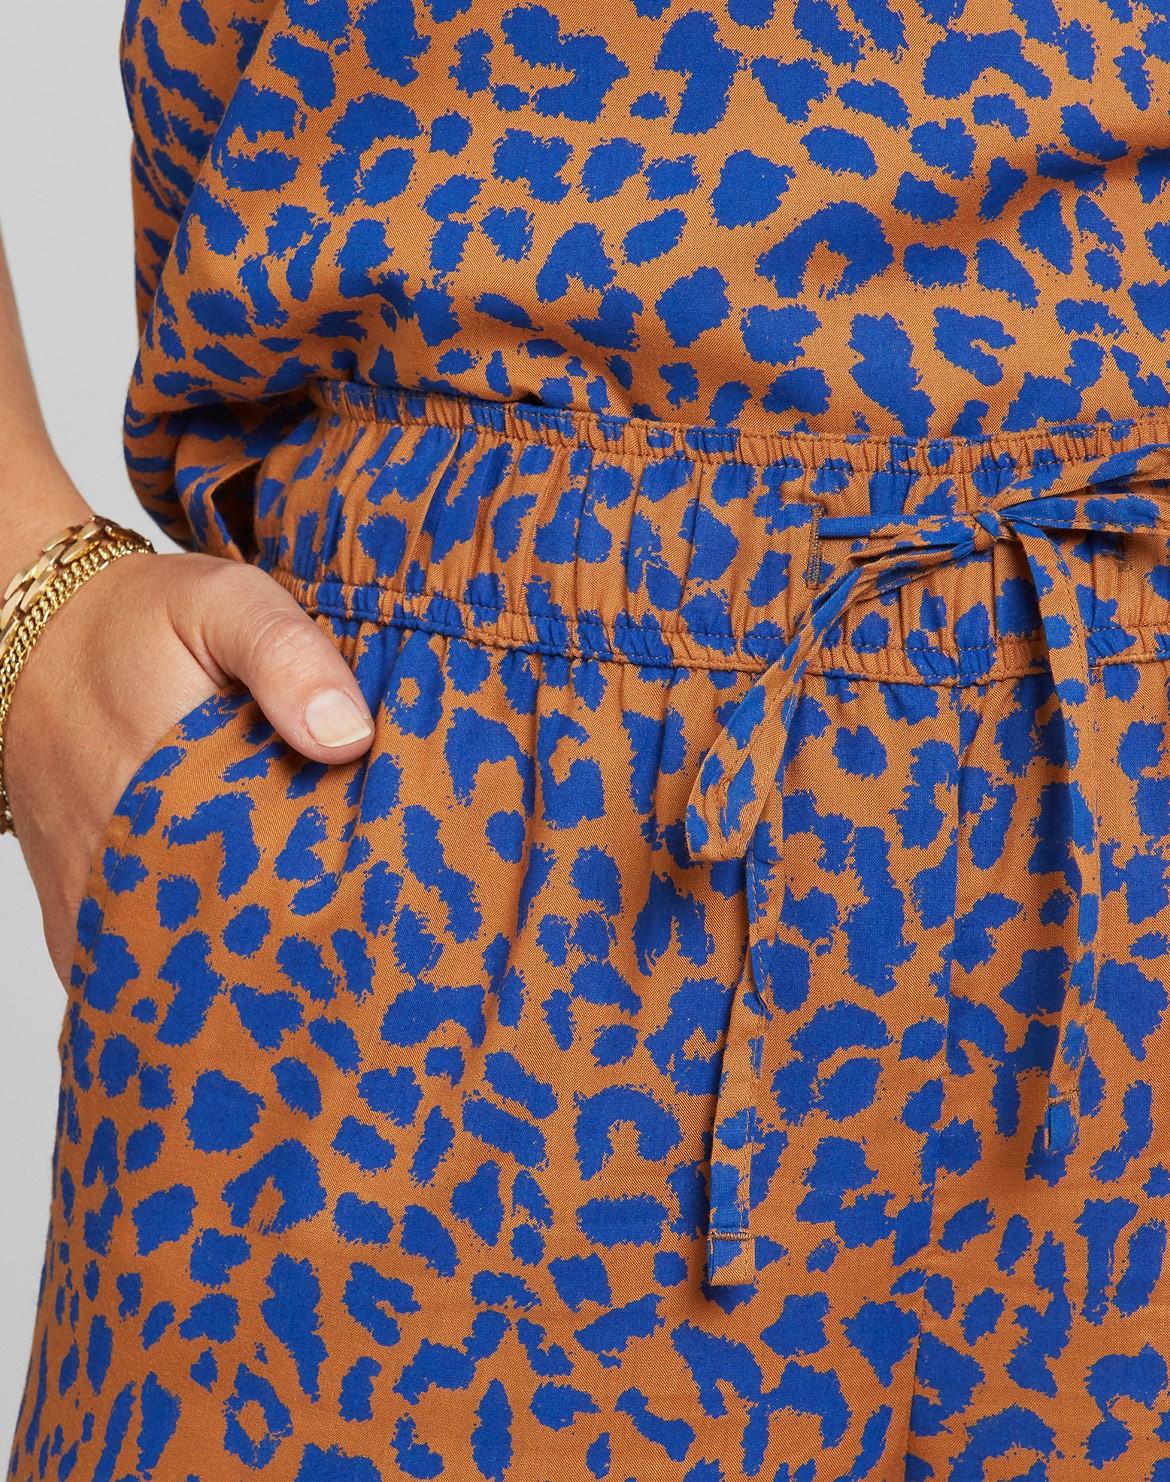 Skagen Hose Leopard